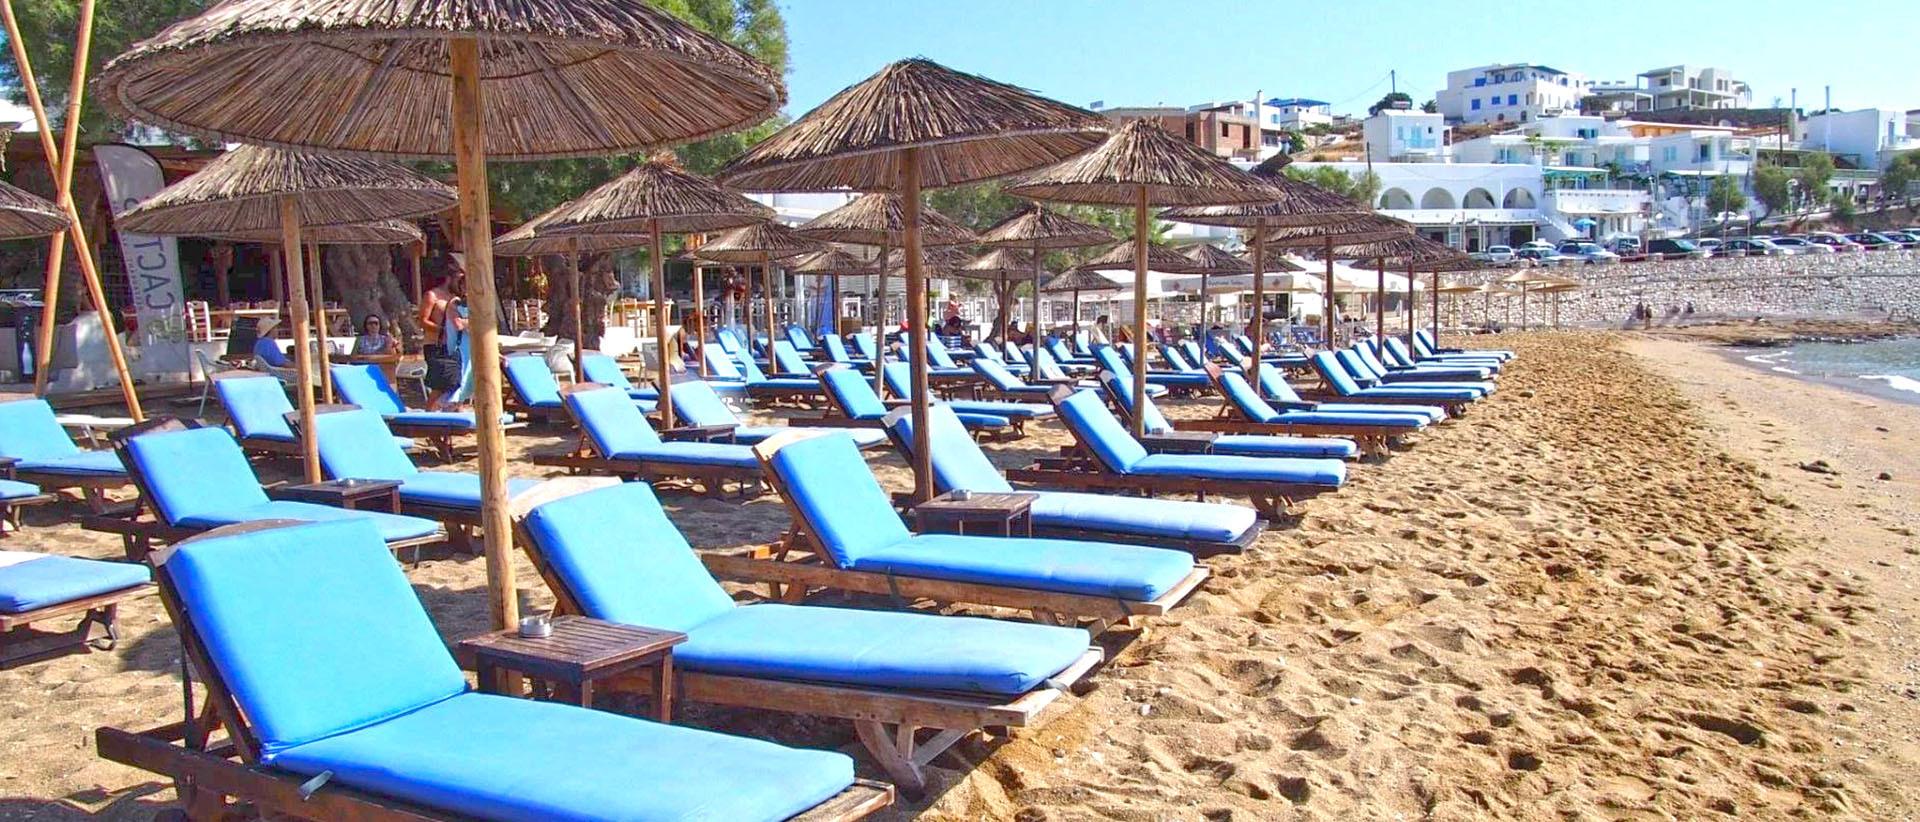 Μια άριστα οργανωμένη παραλία, βραβευμένη με γαλάζια σημαία.